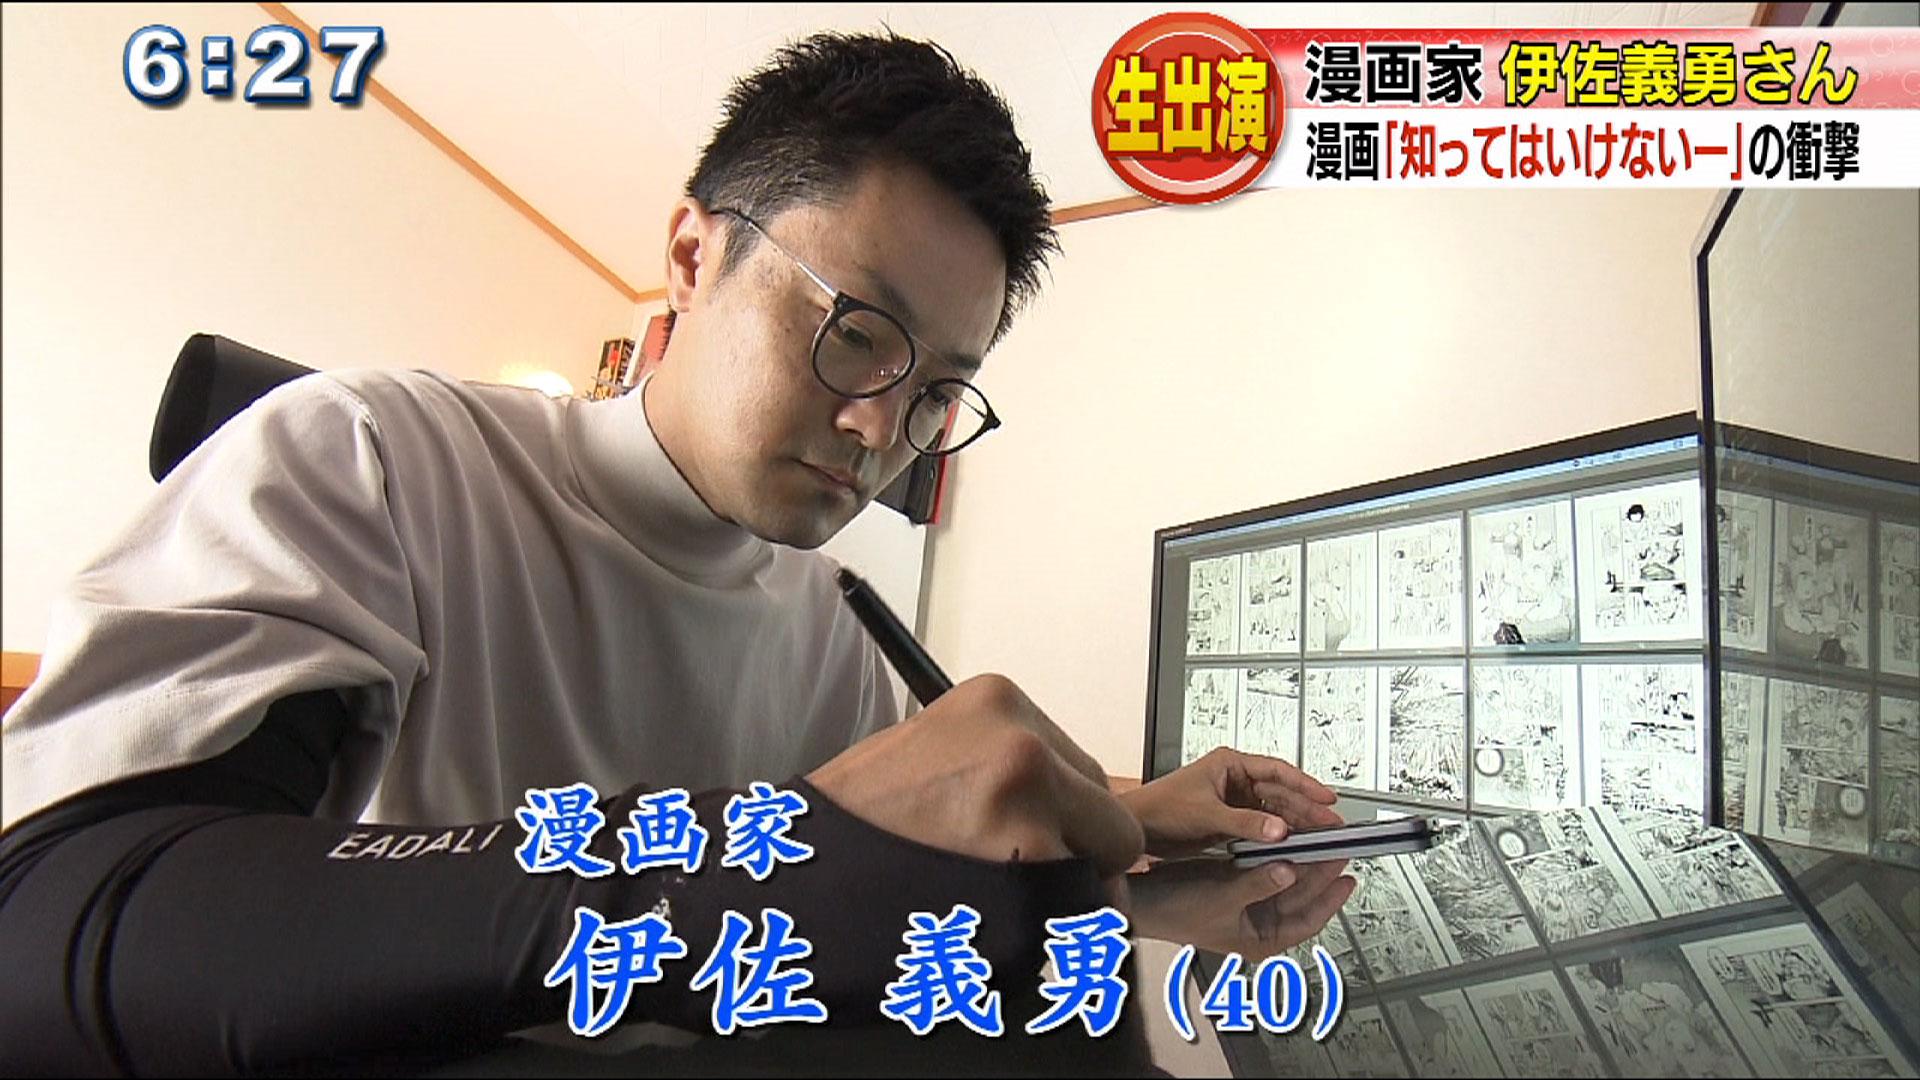 生出演 漫画家・伊佐義勇さん 「日米密約」漫画で切る!